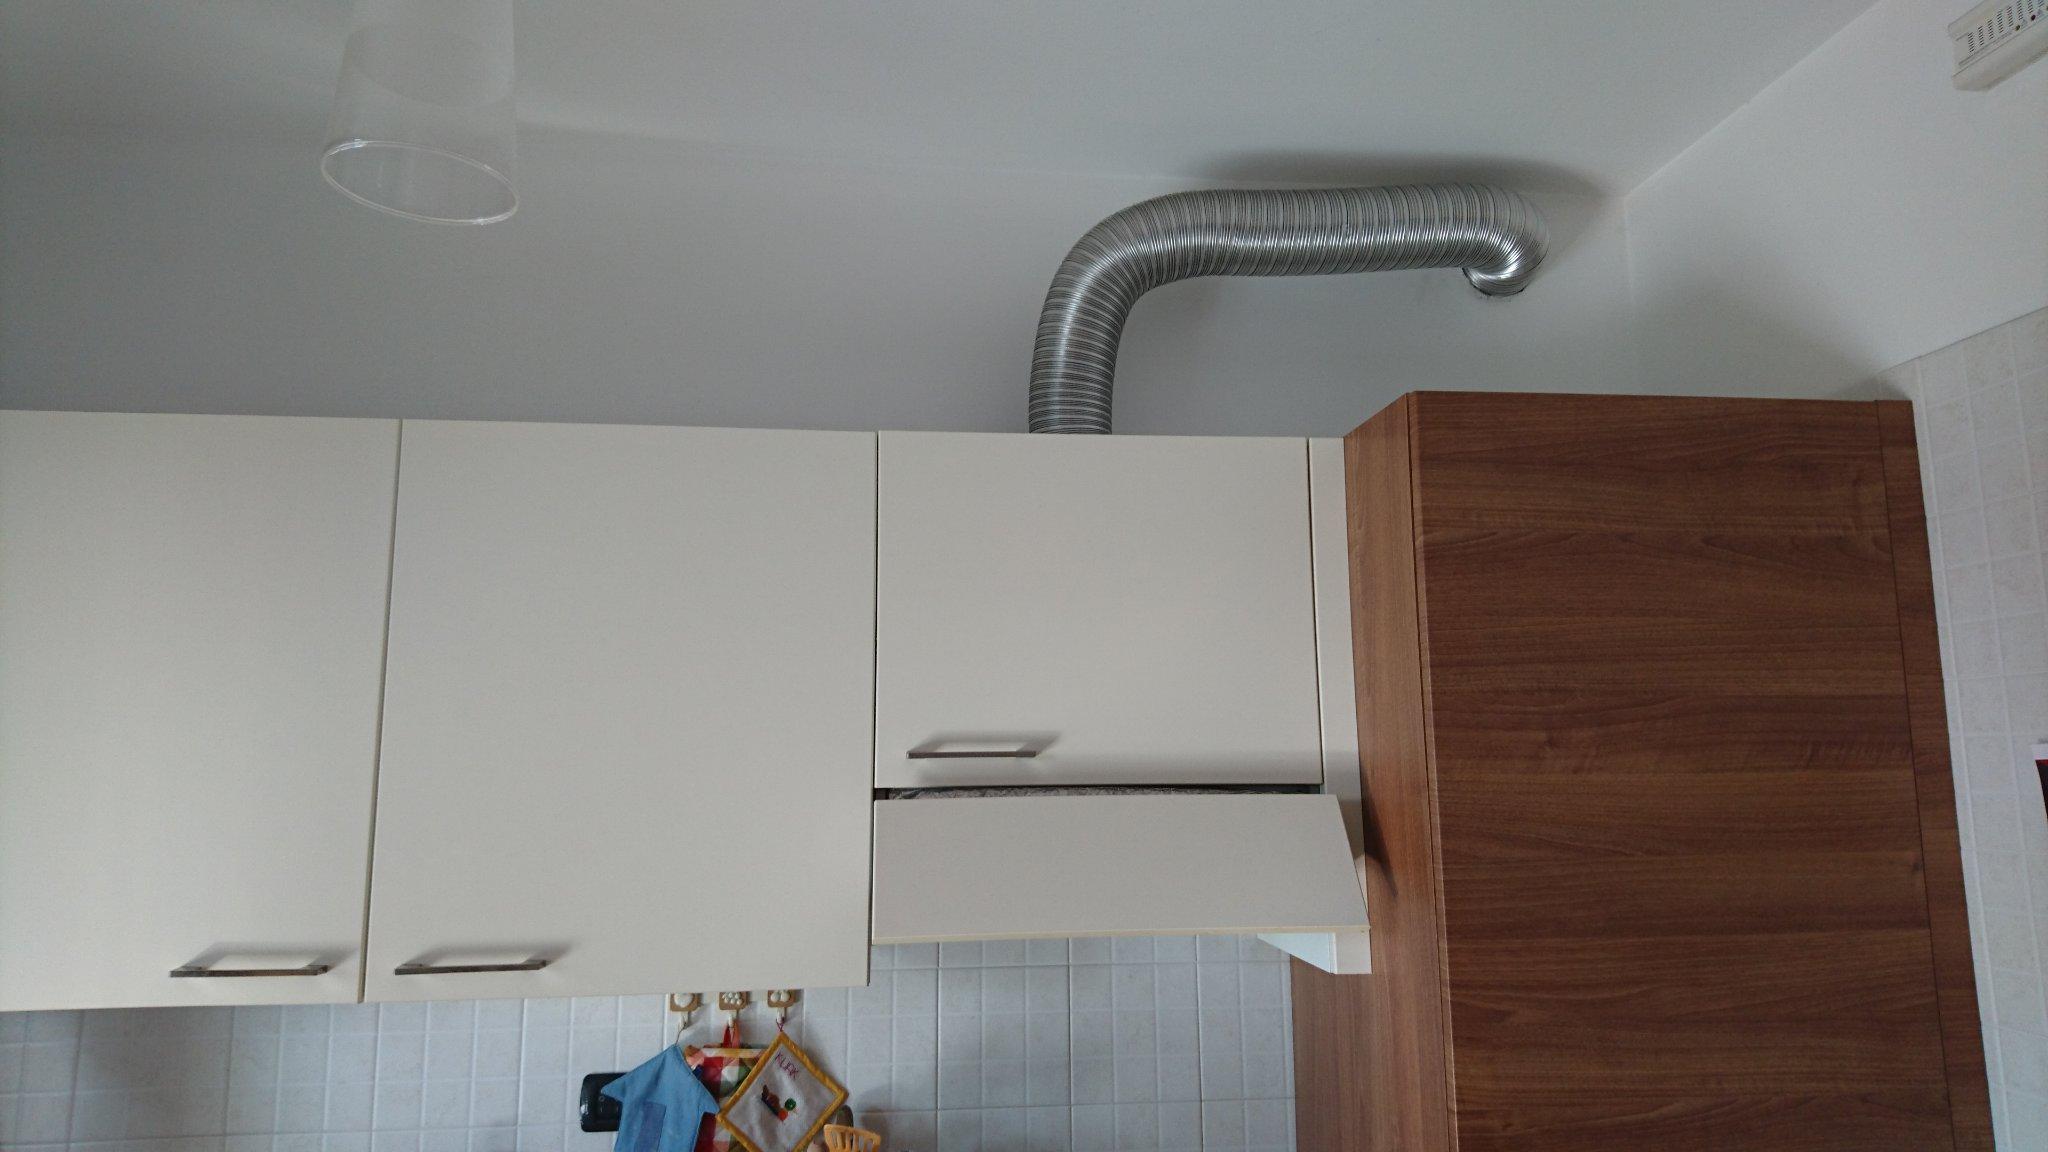 Fornitura tubi e collegamento degli stessi da cappa cucina for Cappa cucina senza tubo